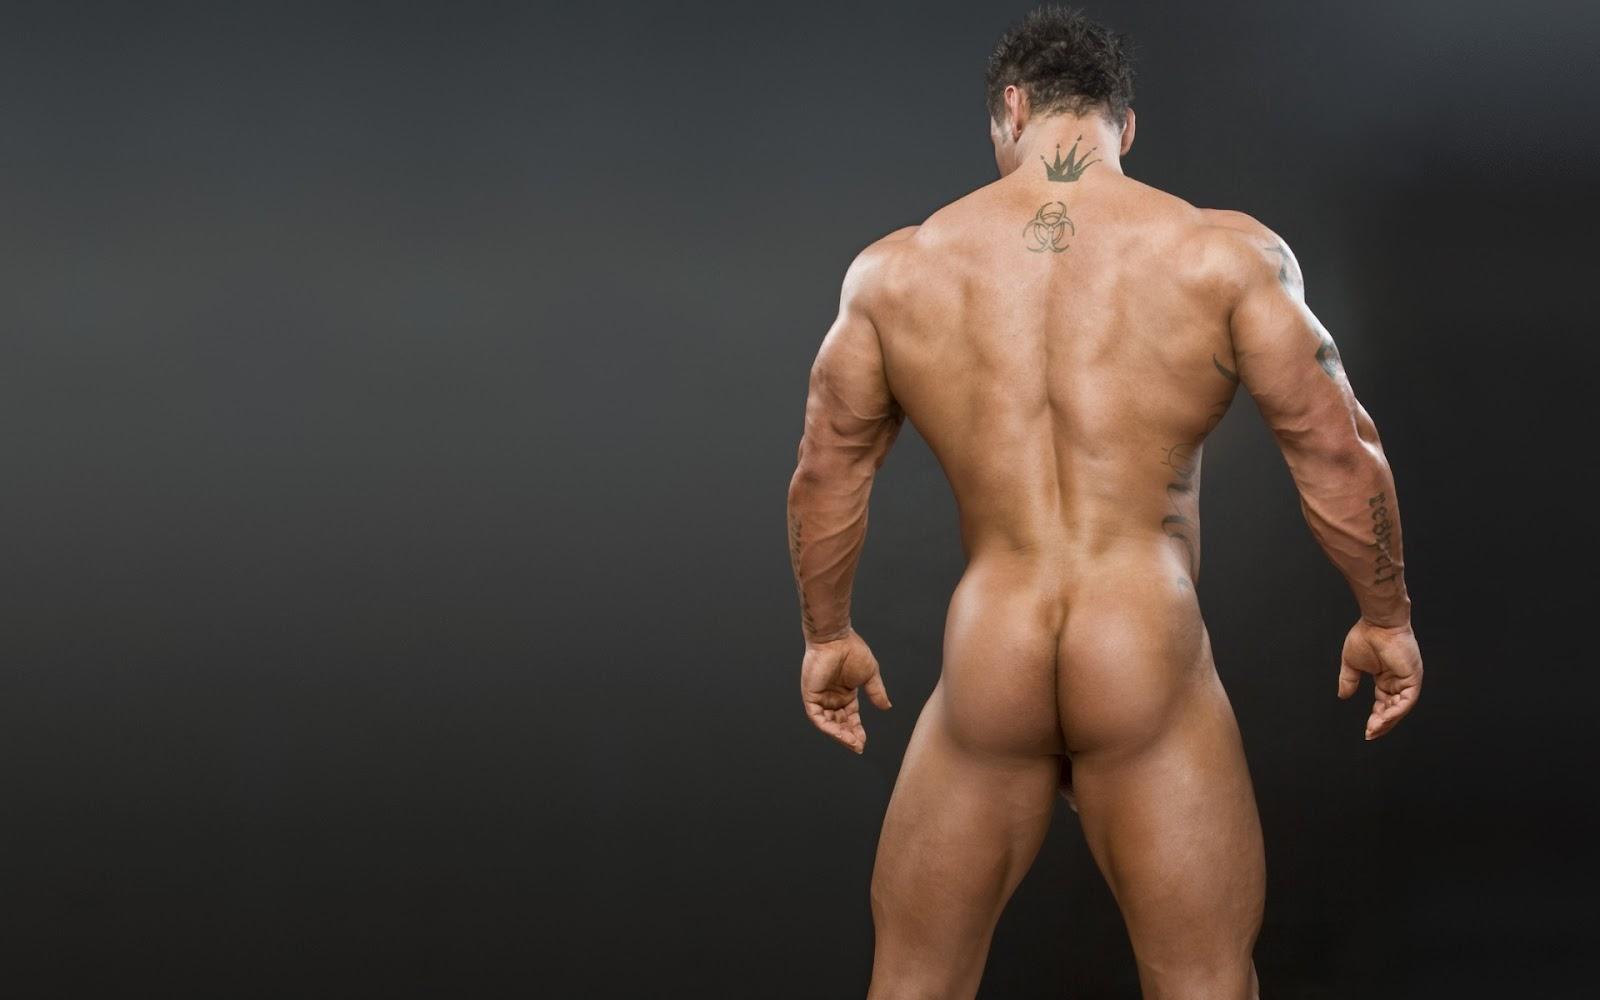 картинки голых мужчин без всего временем